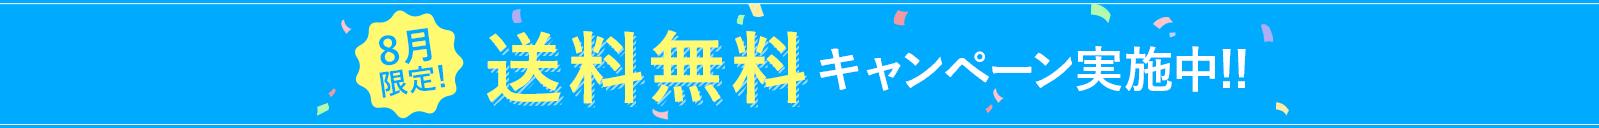 8月限定!送料無料キャンペーン実施中!!